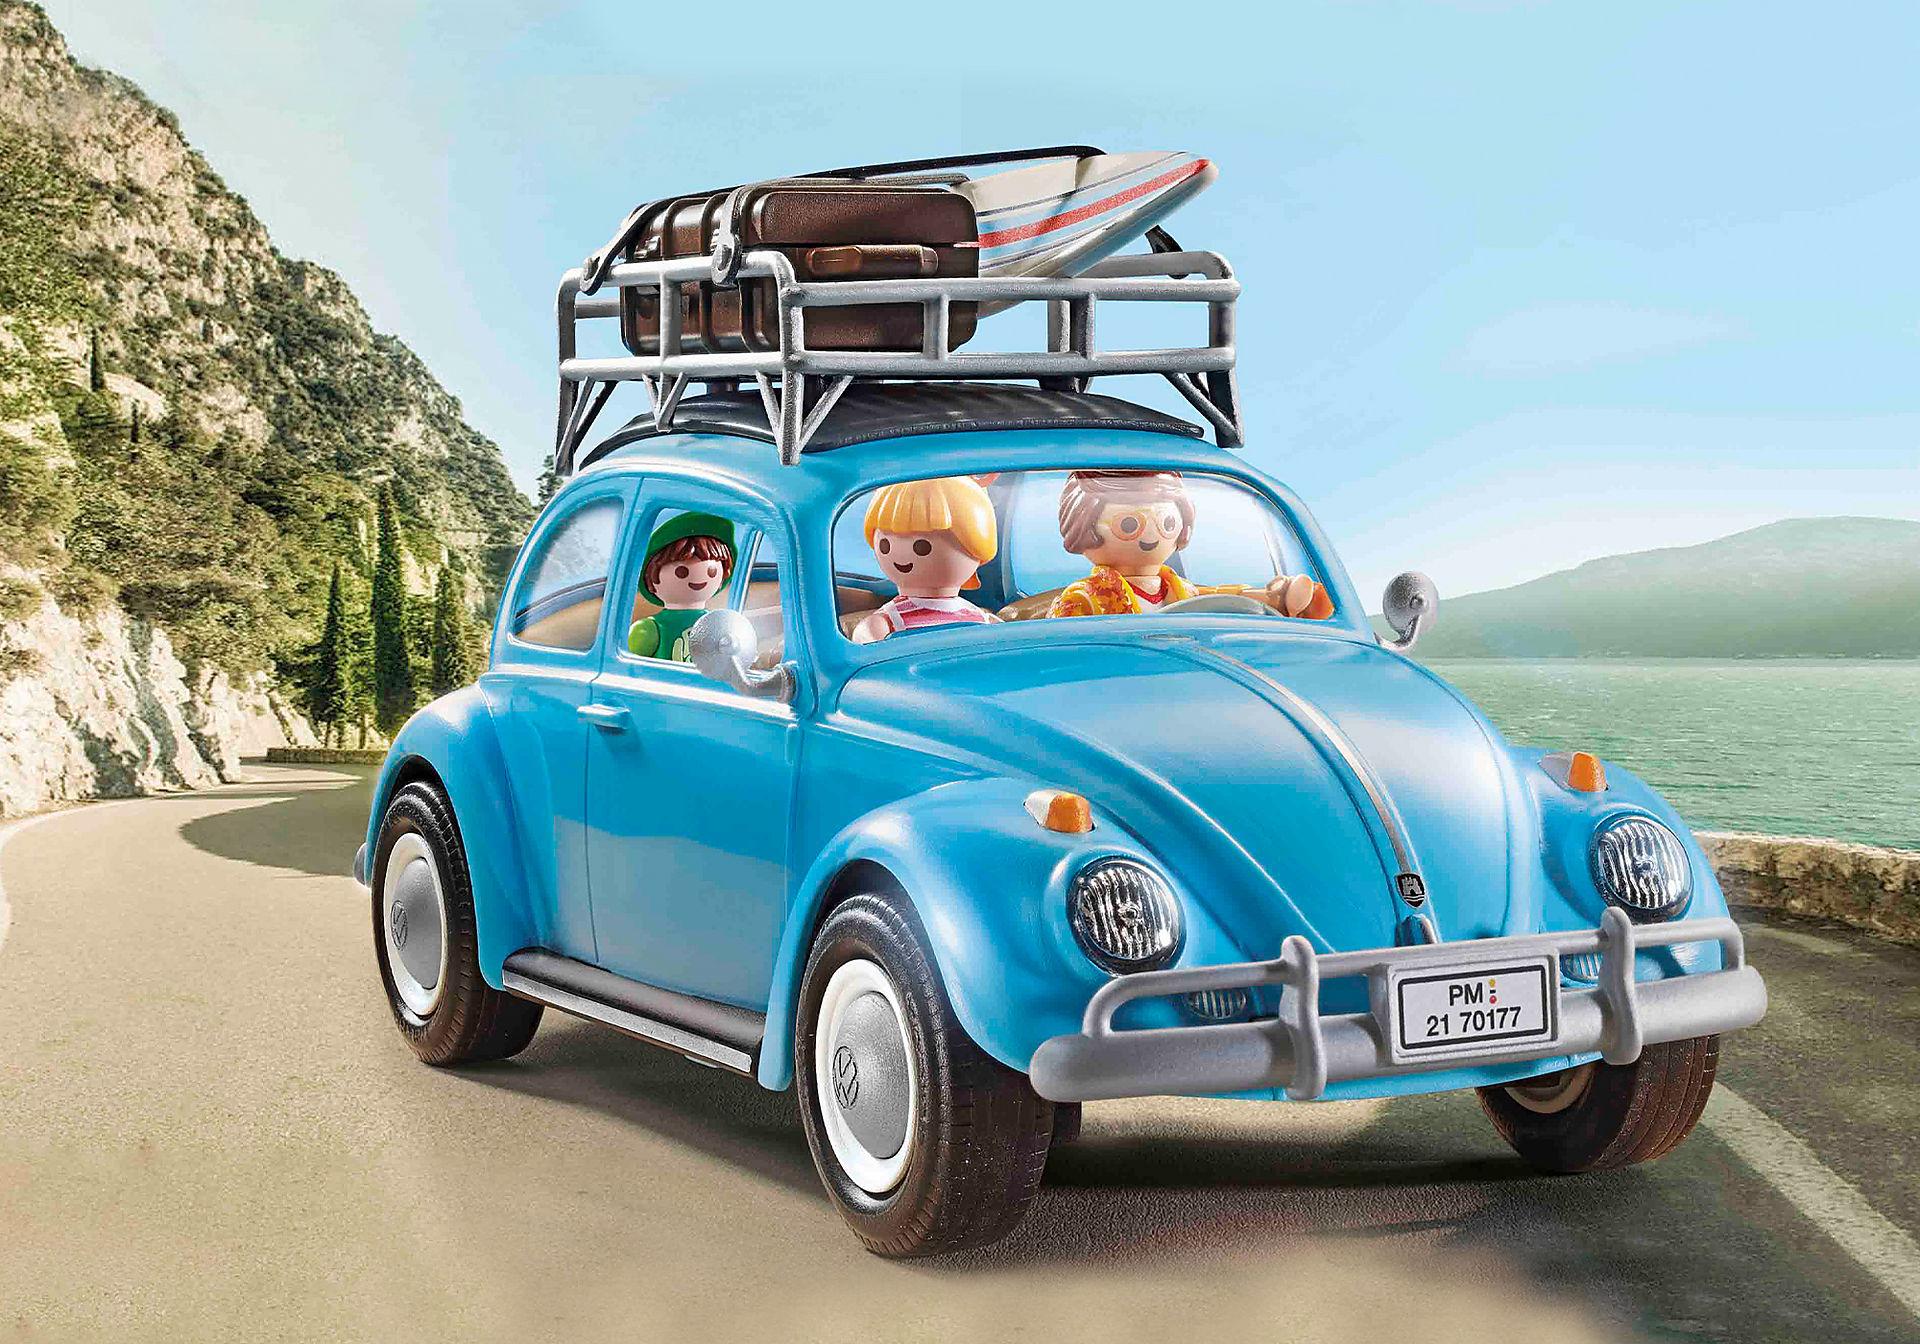 70177 Volkswagen Σκαραβαίος zoom image1